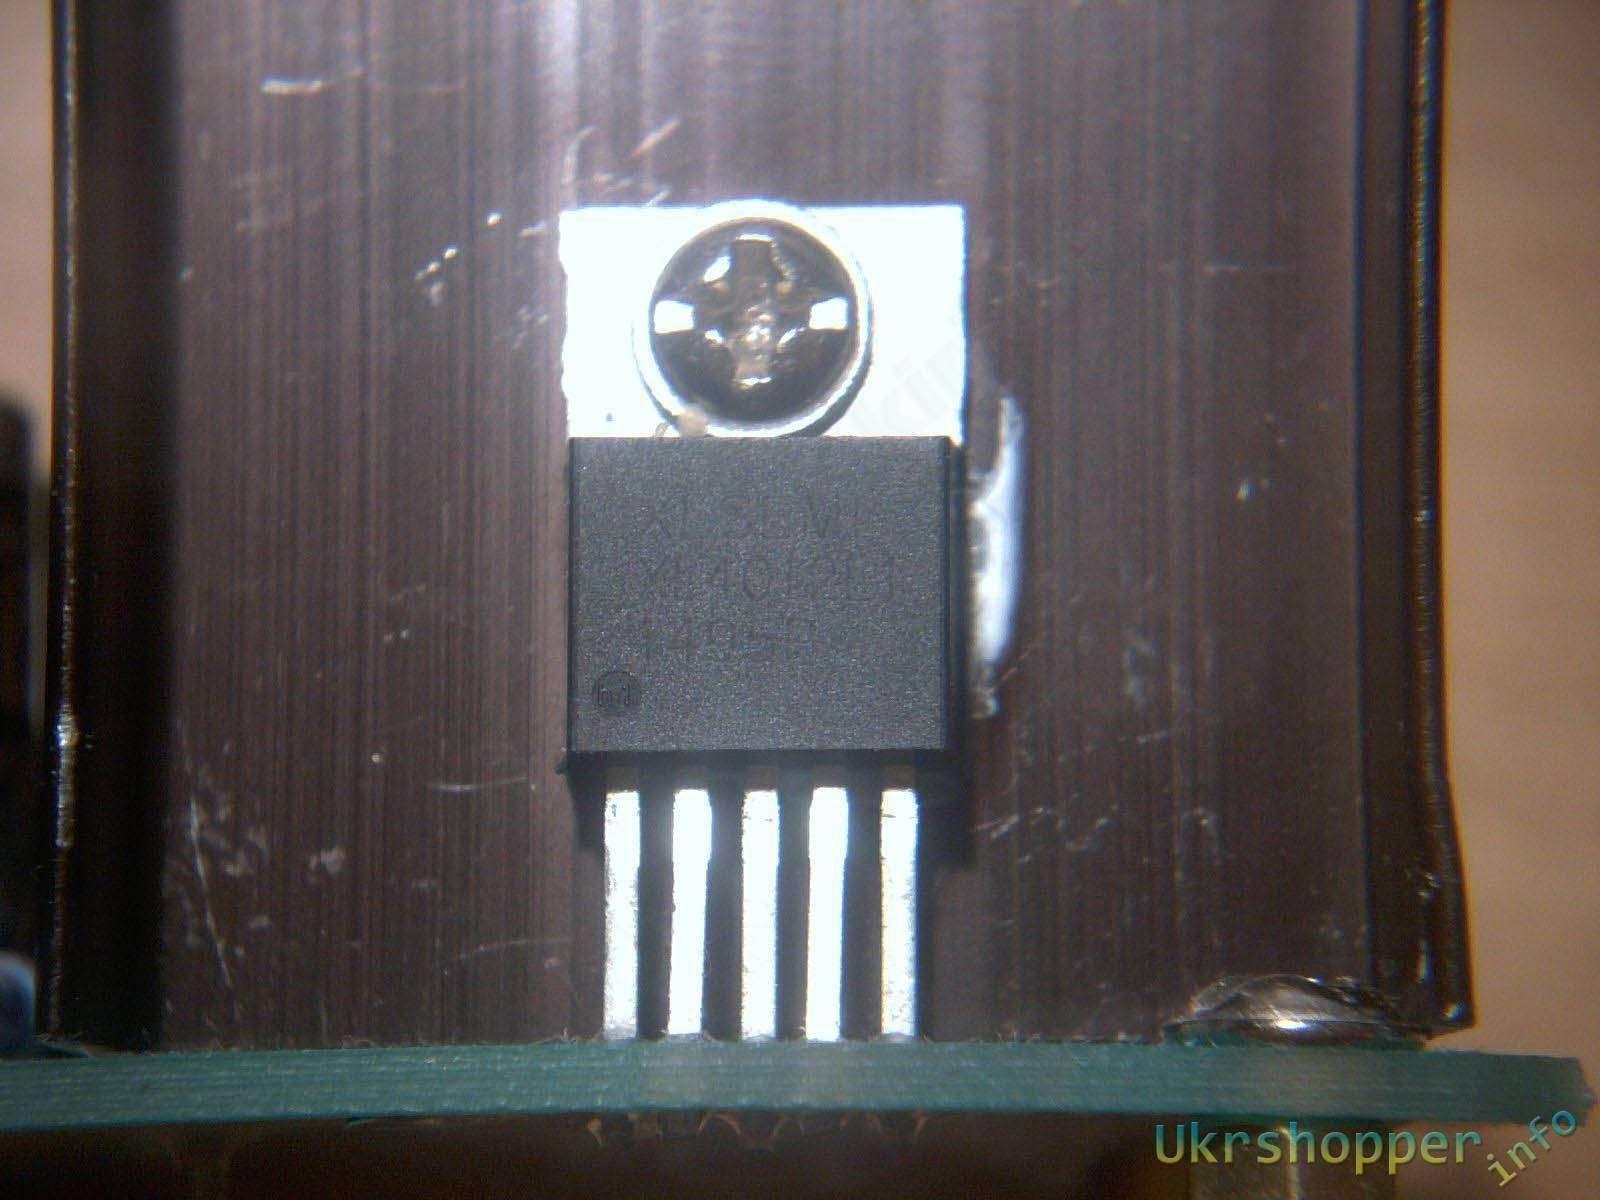 GearBest: Простенький регулируемый DC-DC преобразователь, или лабораторный блок питания своими руками V2.